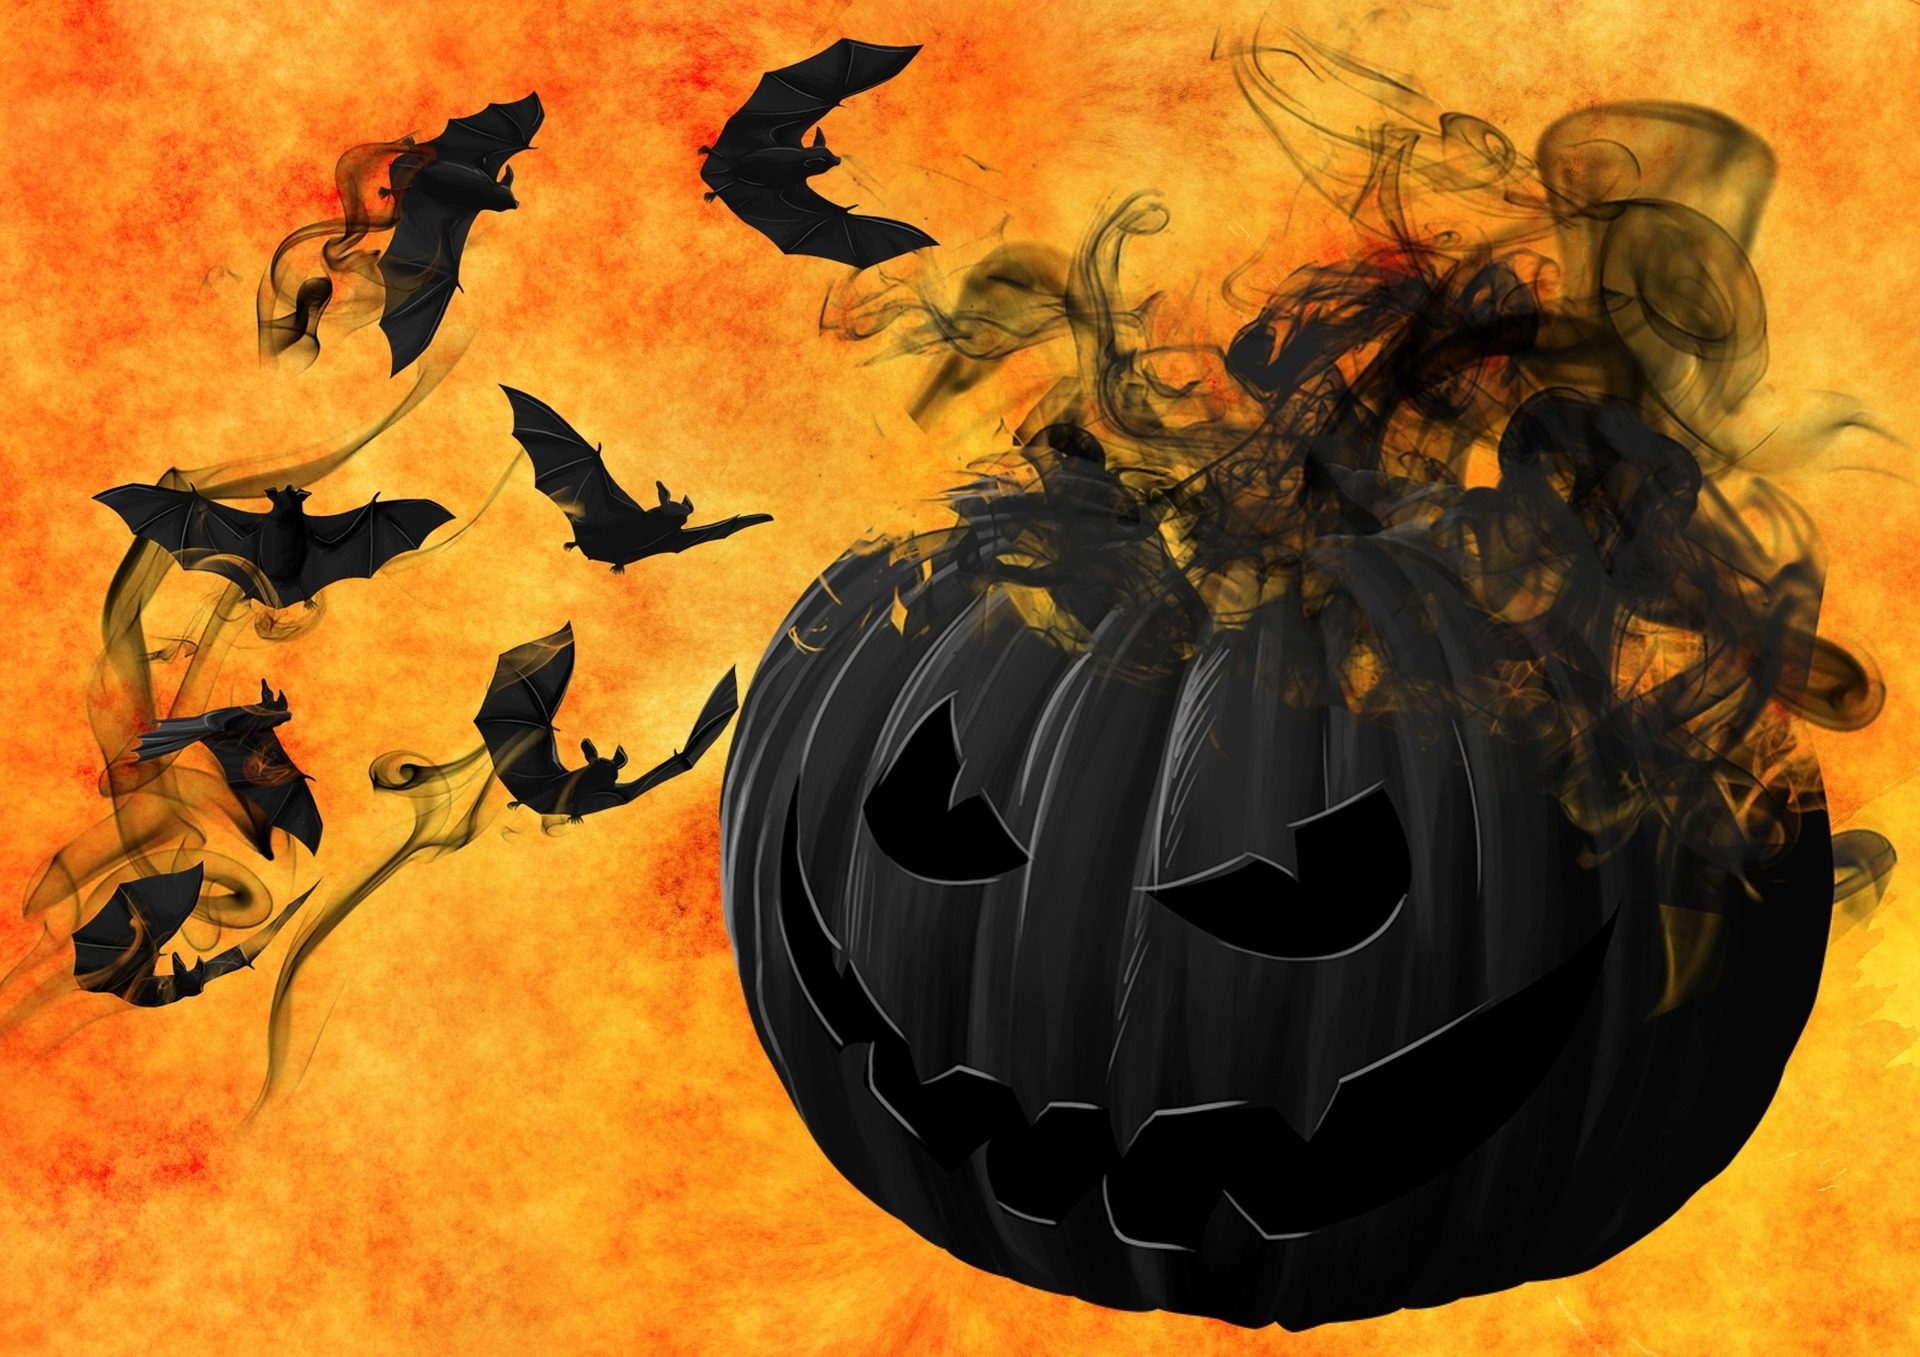 Abóboras, morcegos, fumaça, névoa, assustar, medo, horror, Dia das bruxas - Papéis de parede HD - Professor-falken.com